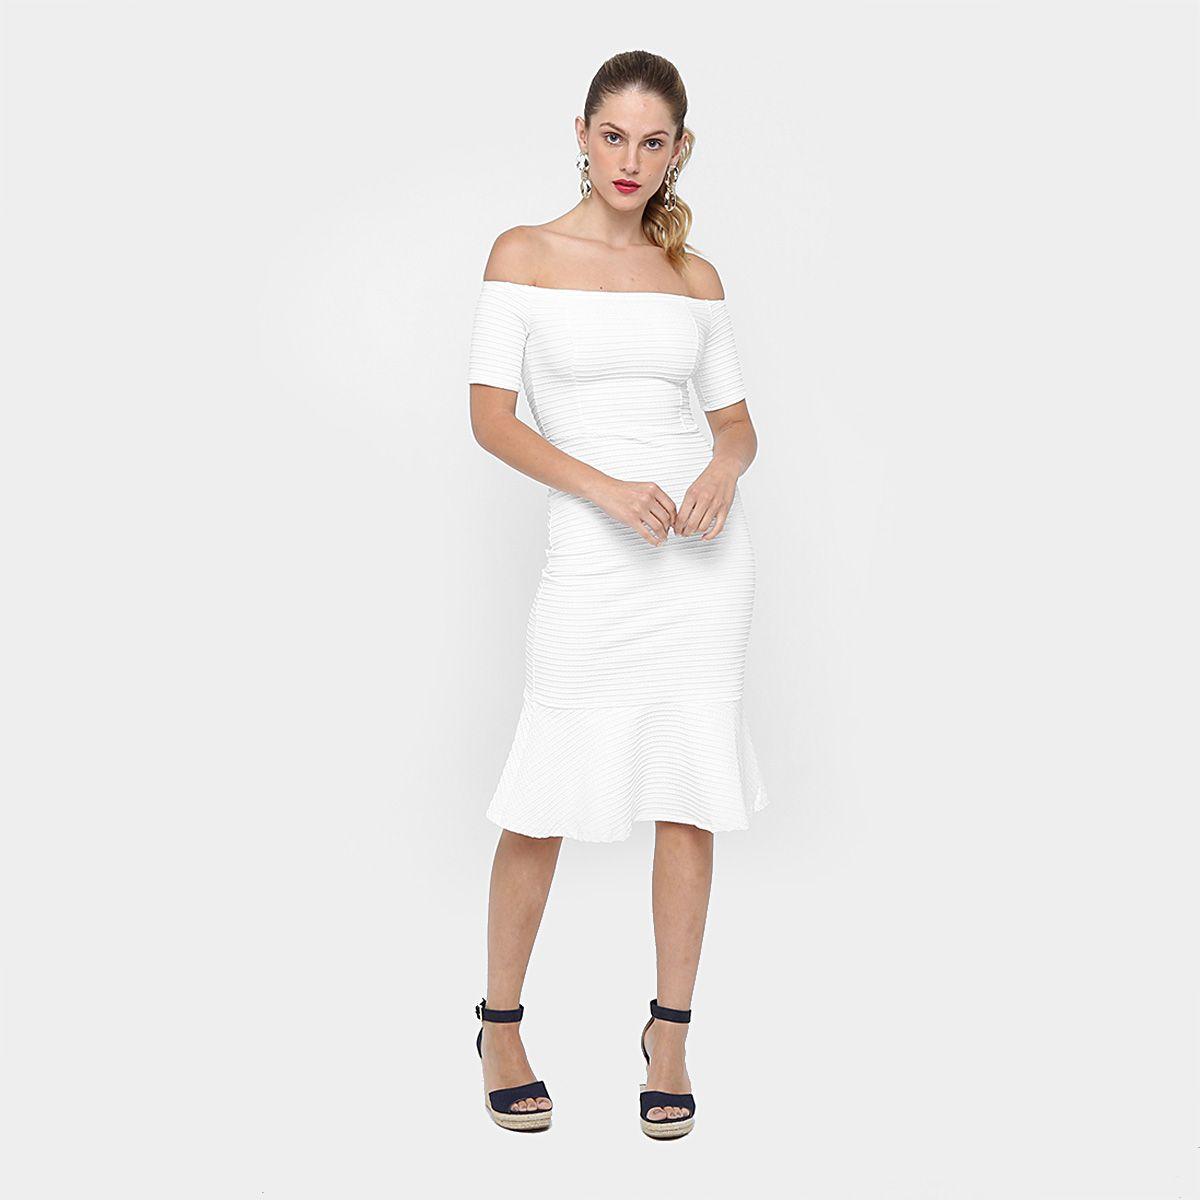 0c89969e1 Vestidos um mais Belo que o Outro!!! . ZATTINI entrega em todo o Brasil!   vestidos  vestido  verão  mulher  feminino  Brasil  SãoPaulo  RiodeJaneiro  ...